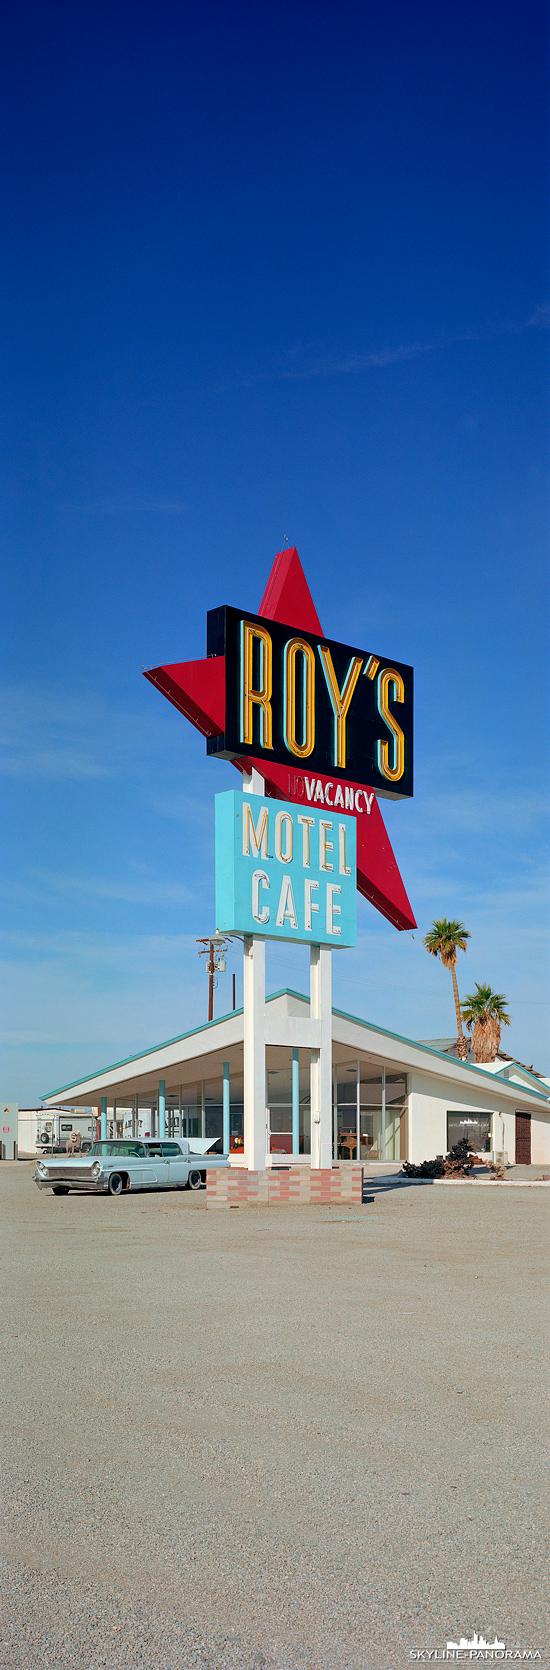 Roy´s Sign Route 66 California - Eine der bekanntesten Locations an der historischen Route 66 ist das ROY´s Motel and Cafe. Das Motel ist allerdings schon längst geschlossen, die dazugehörende Tankstelle mit einem kleinen Cafe, sowie einem Giftshop (auf diesem Bild nicht zu sehen) ist jedoch noch immer in Betrieb. Bei diesem Panorama handelt es sich um ein vertikal Panorama im Format 6x17.